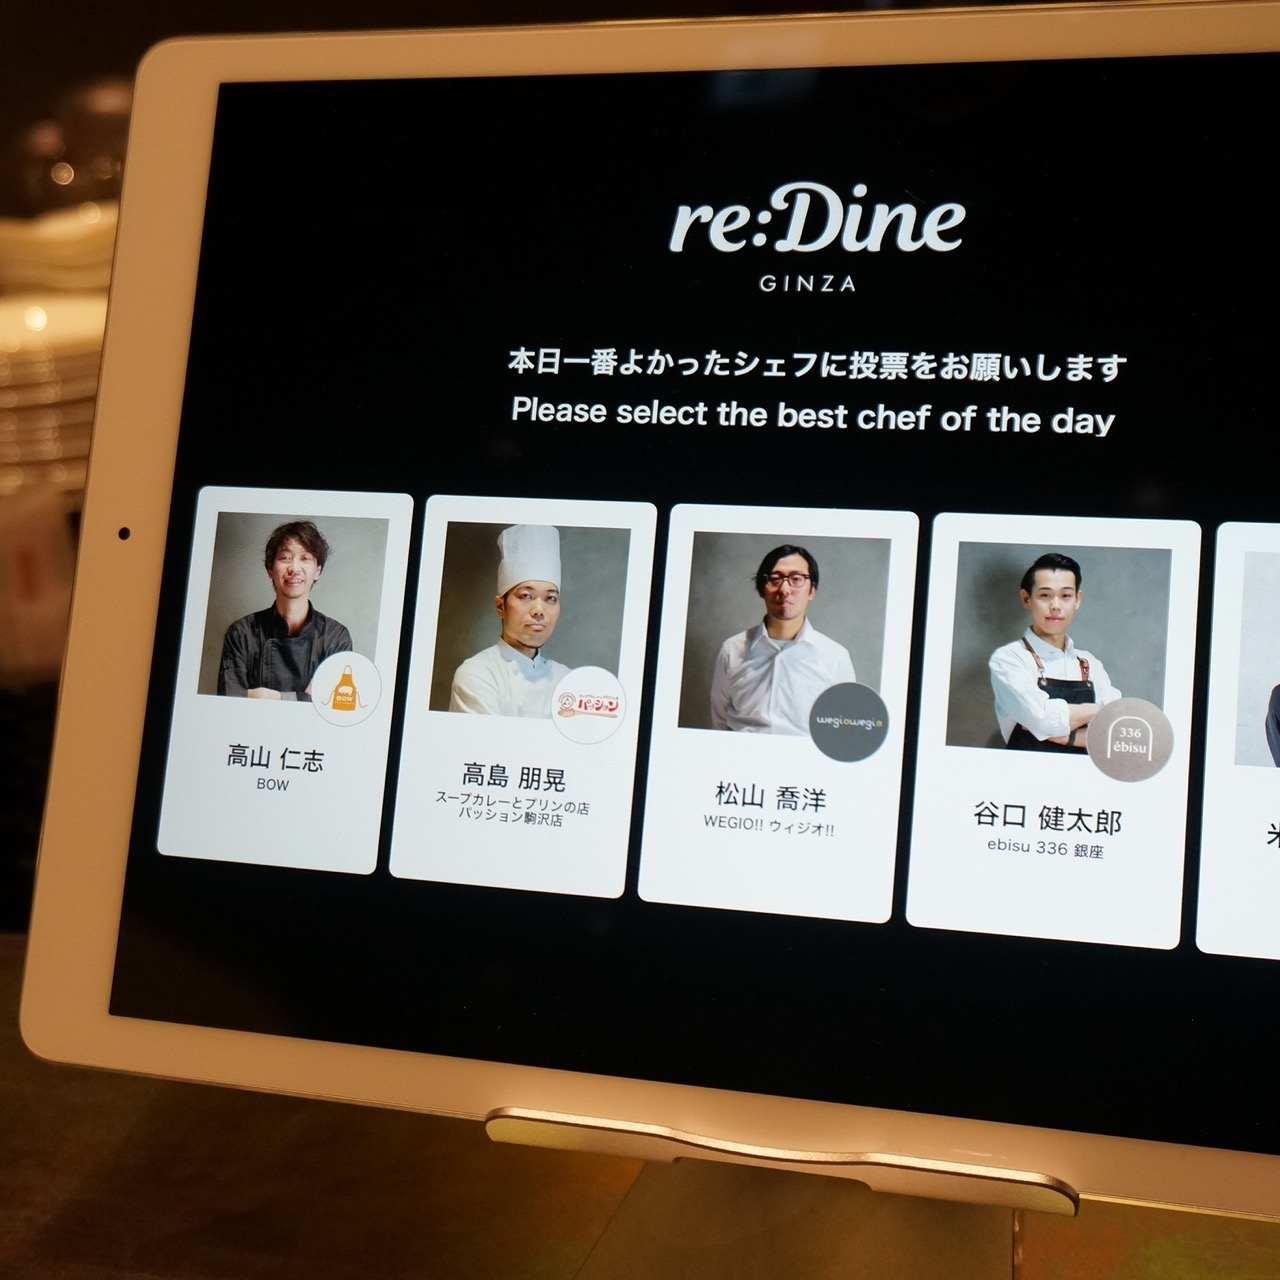 日本初のシェア型レストラン「re:Dine GINZA」を体験! 次世代のトップシェフの味を楽しむ